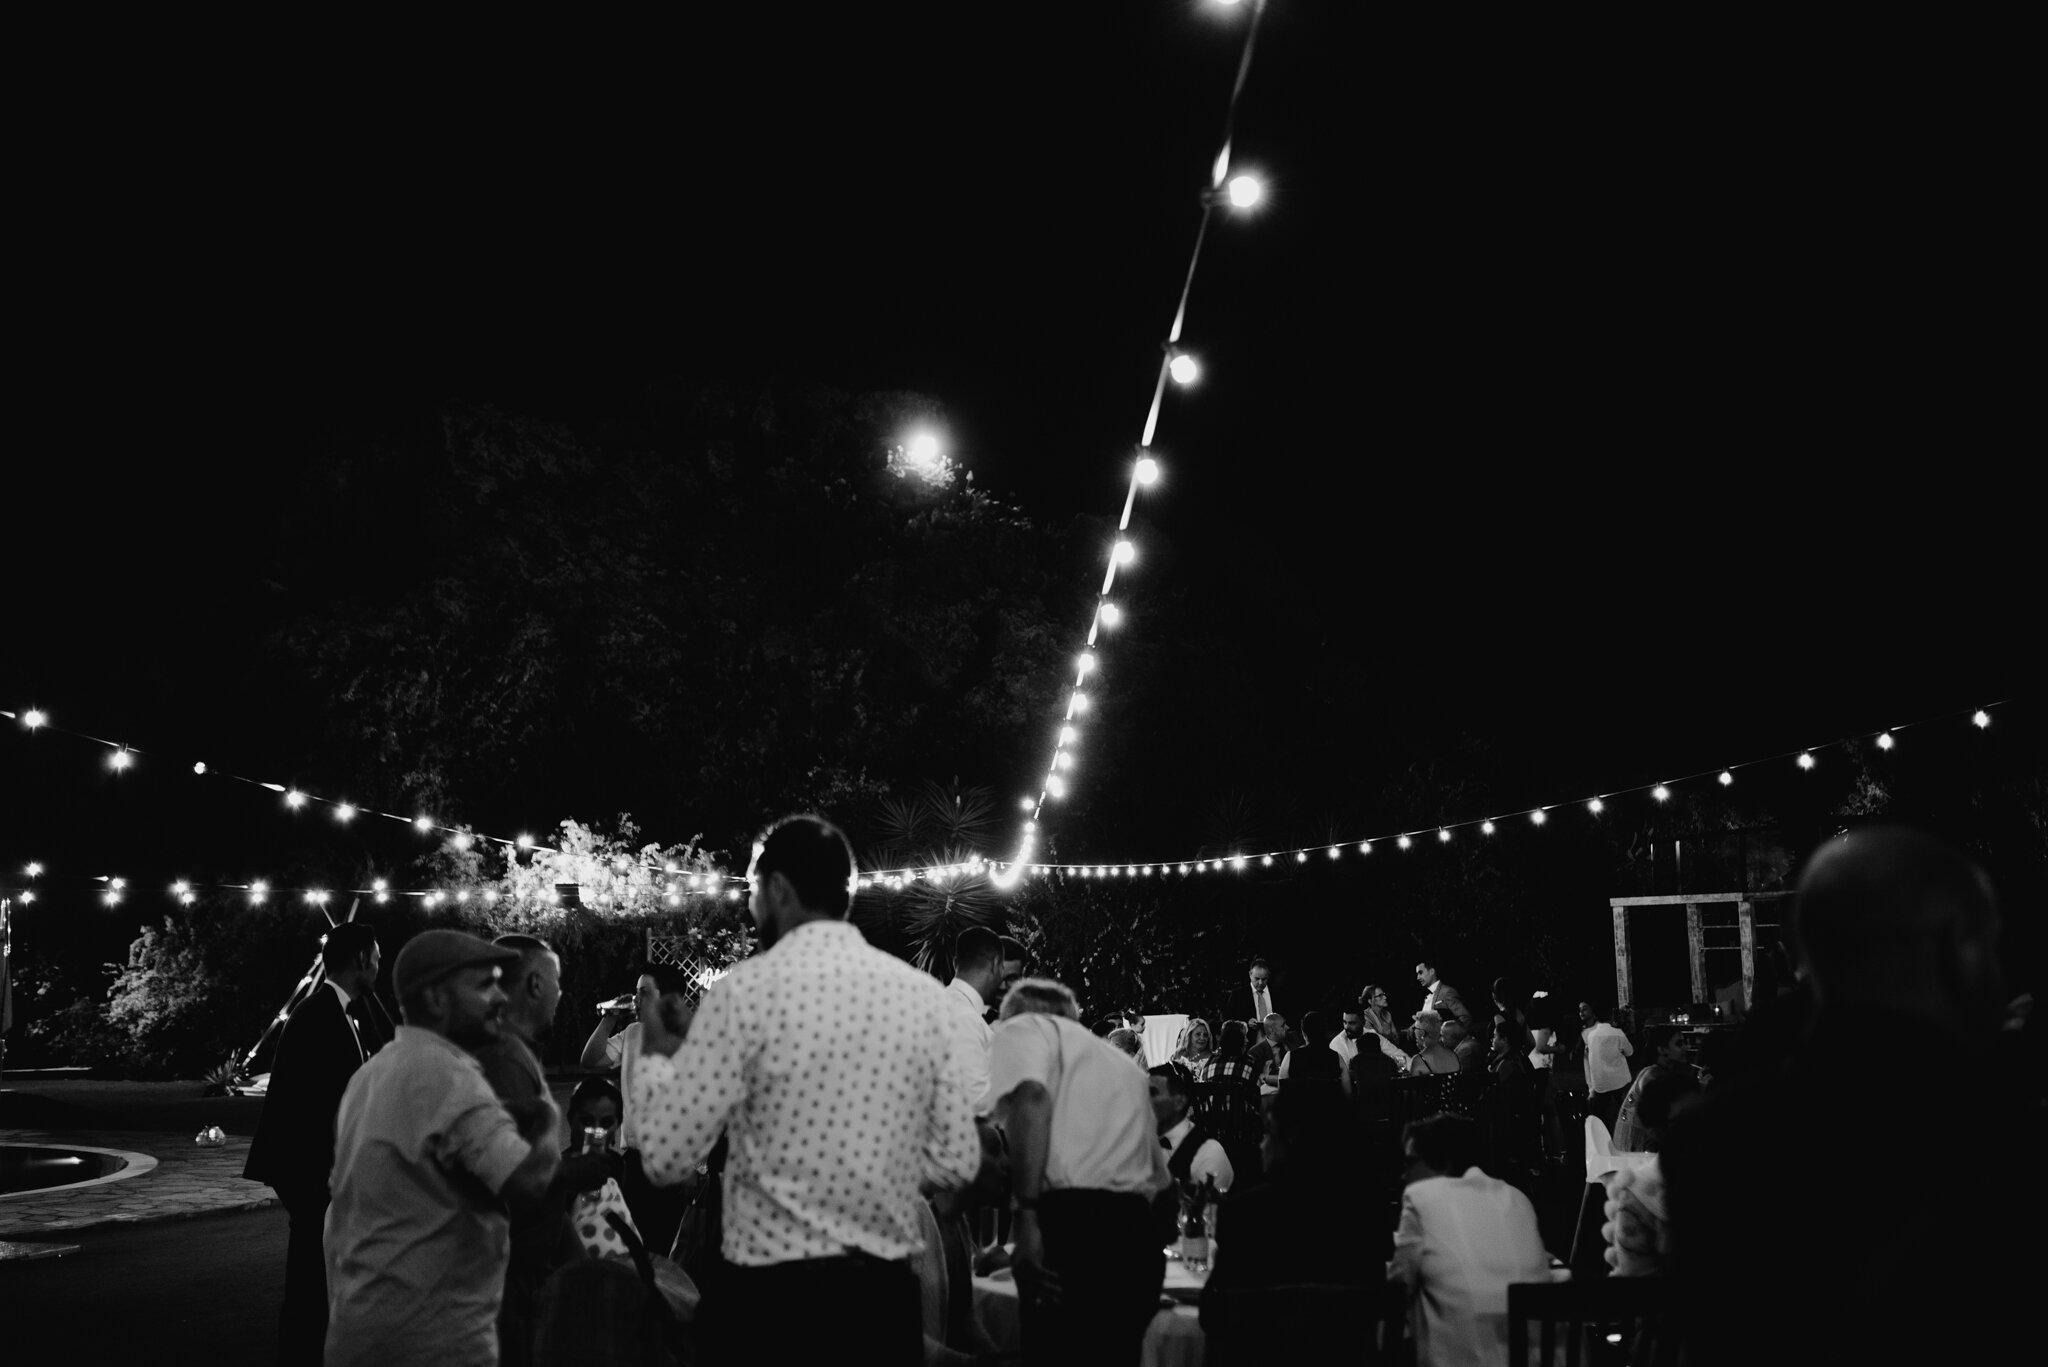 fotografo de bodas las palmas_-133.jpg